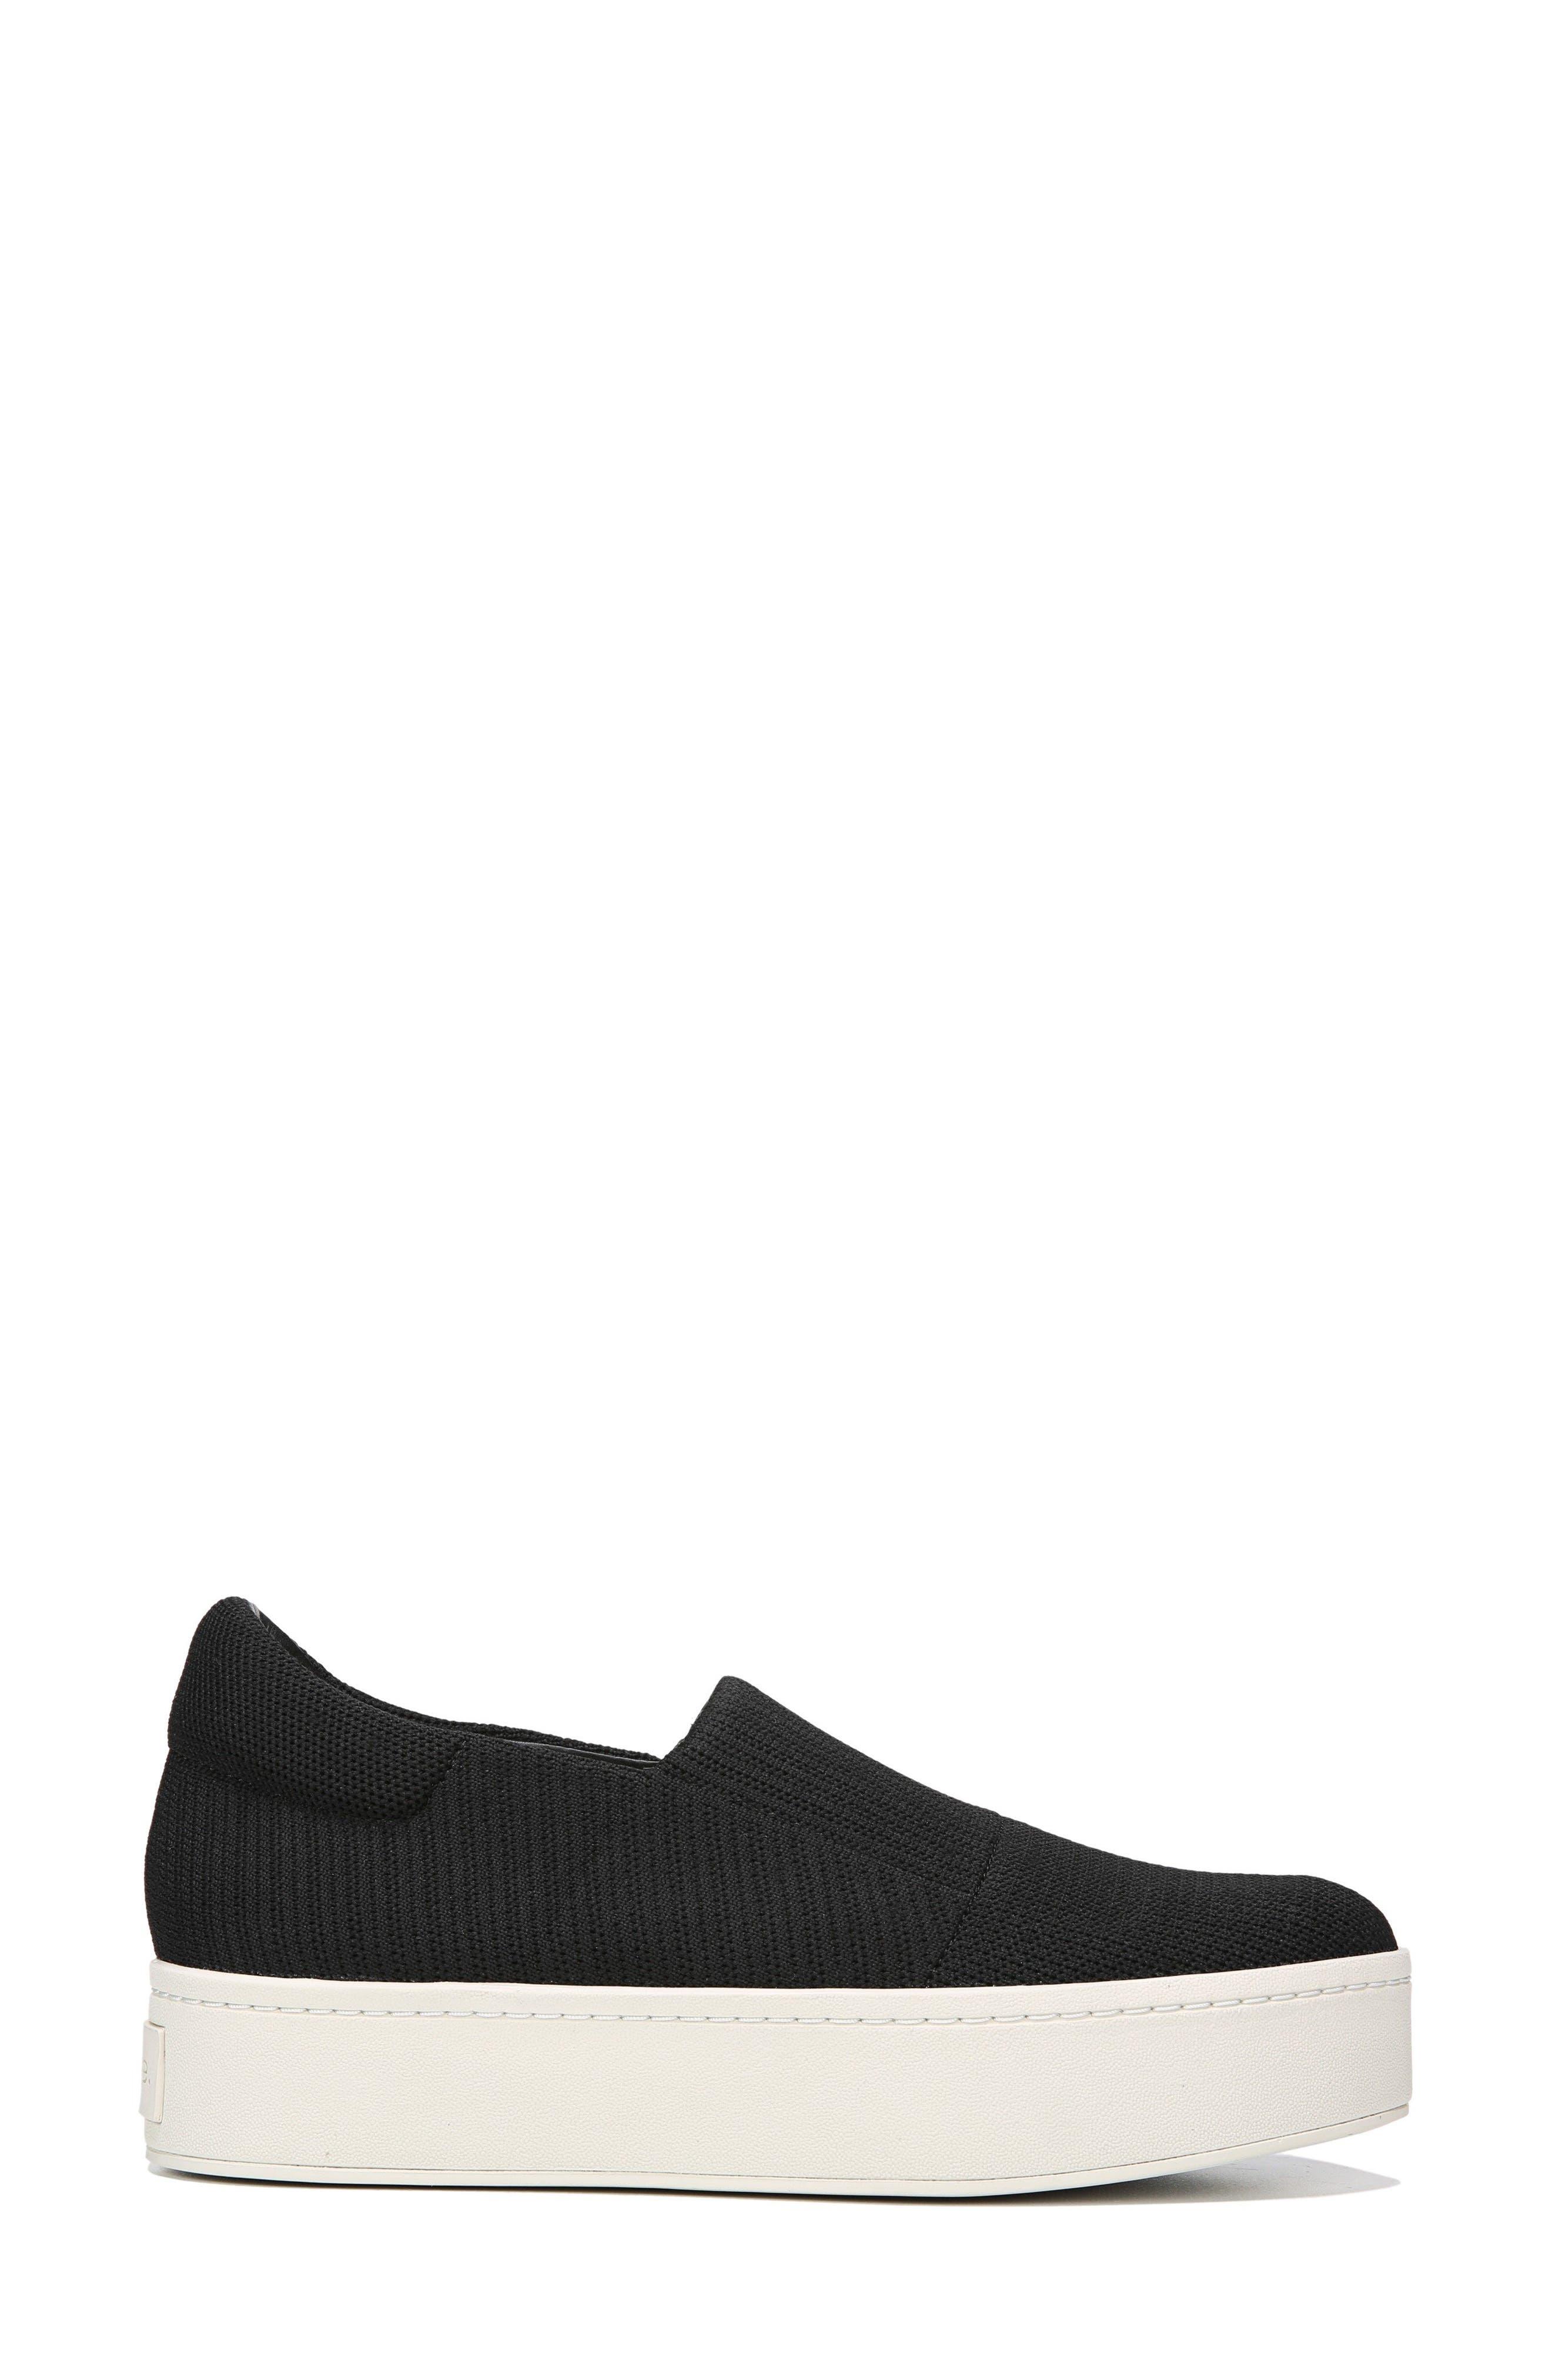 Walsh Slip-On Sneaker,                             Alternate thumbnail 3, color,                             Black